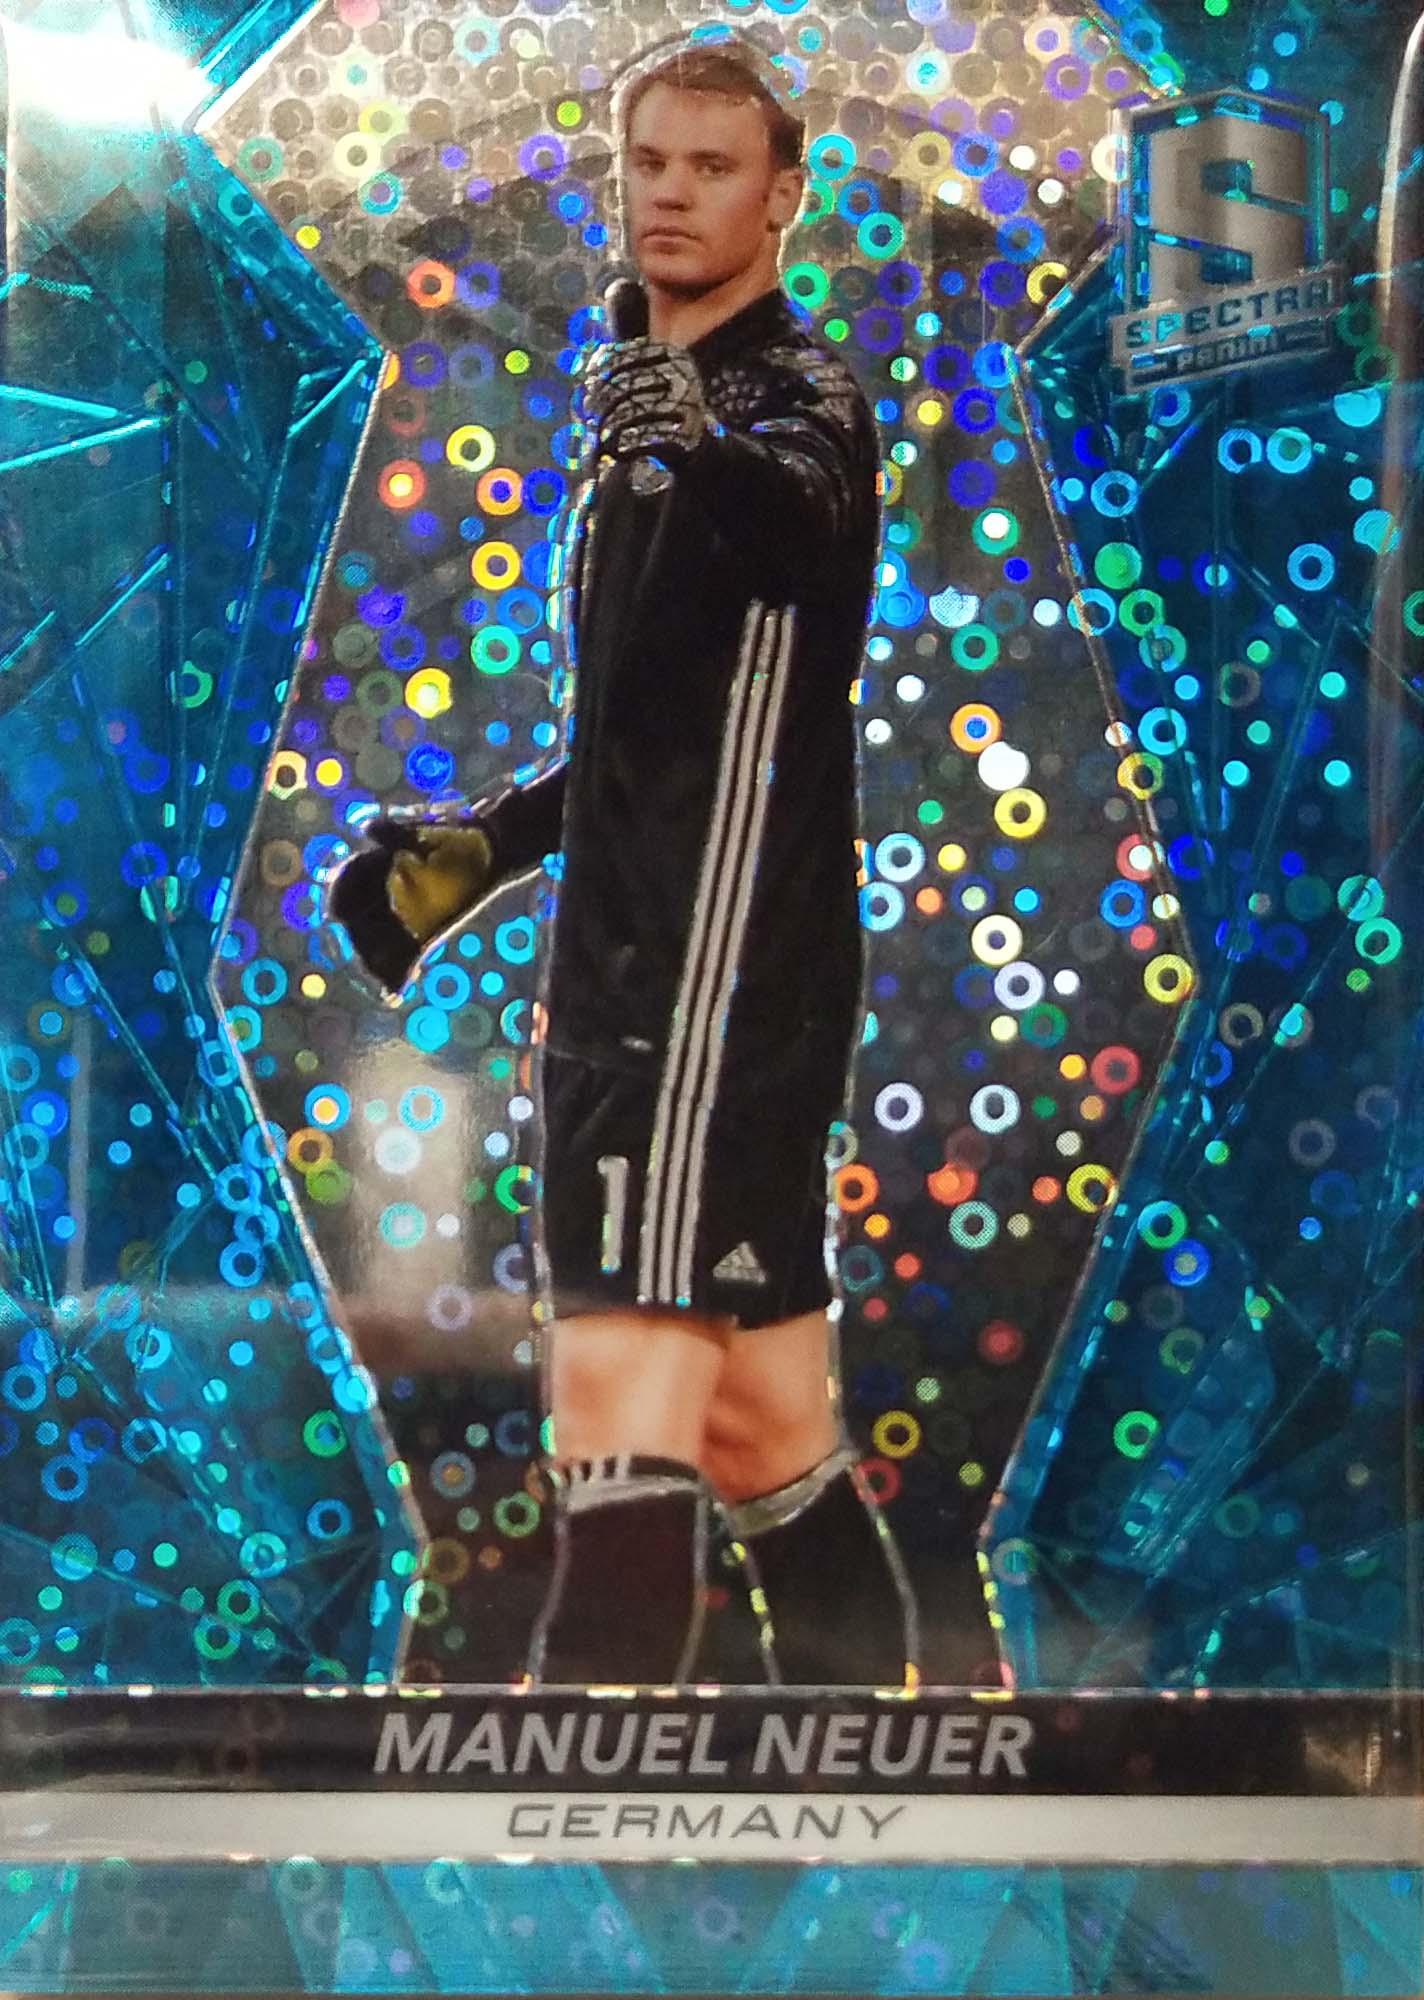 【自若清风】2016Panini帕尼尼光谱足球球星卡Manuel Neuer诺伊尔德国64/75NO.1基础卡